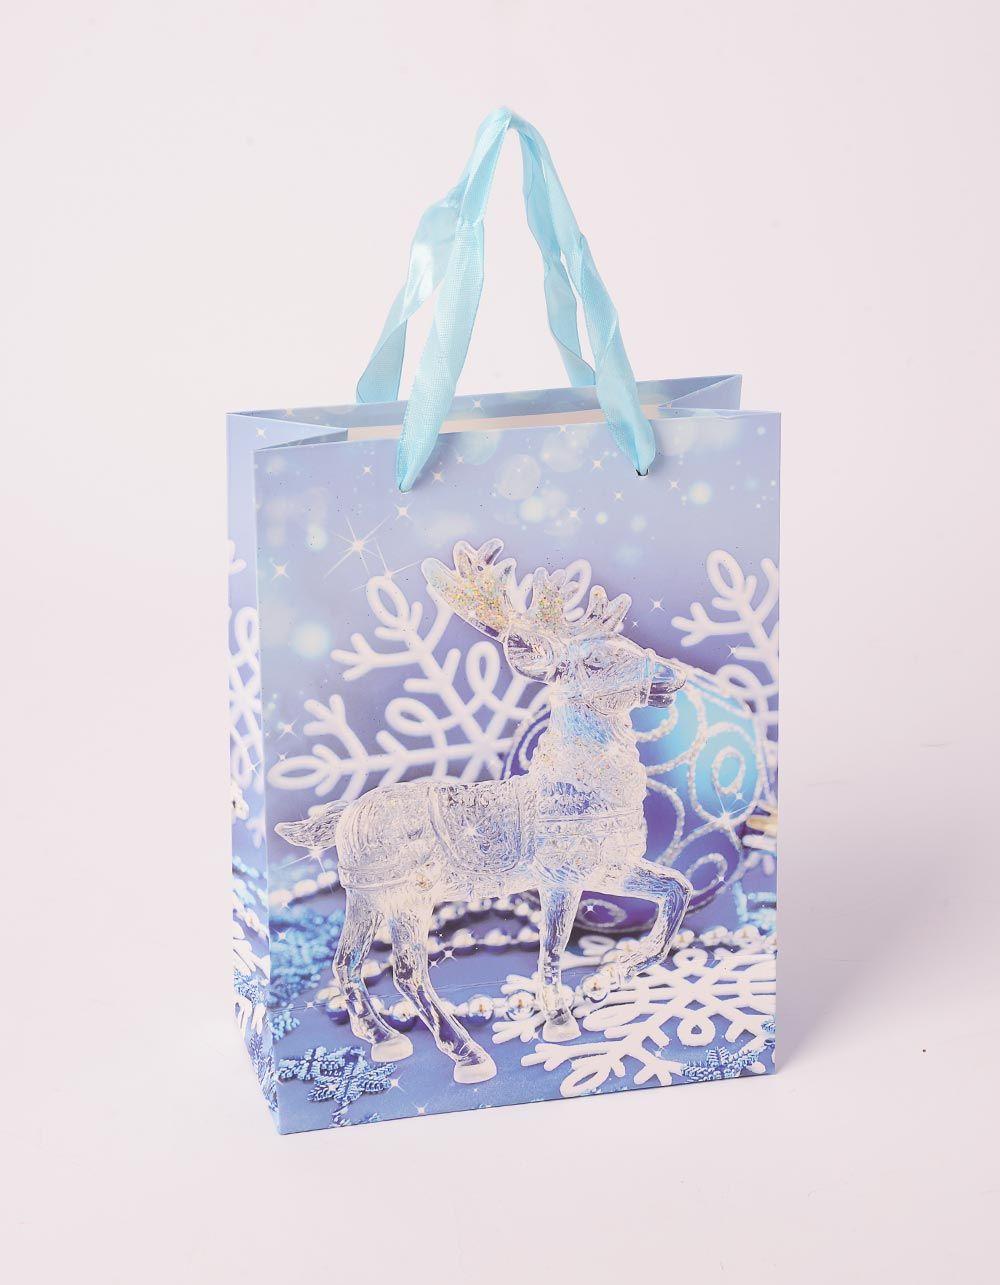 Пакет подарунковий з новорічним принтом | 240047-18-XX